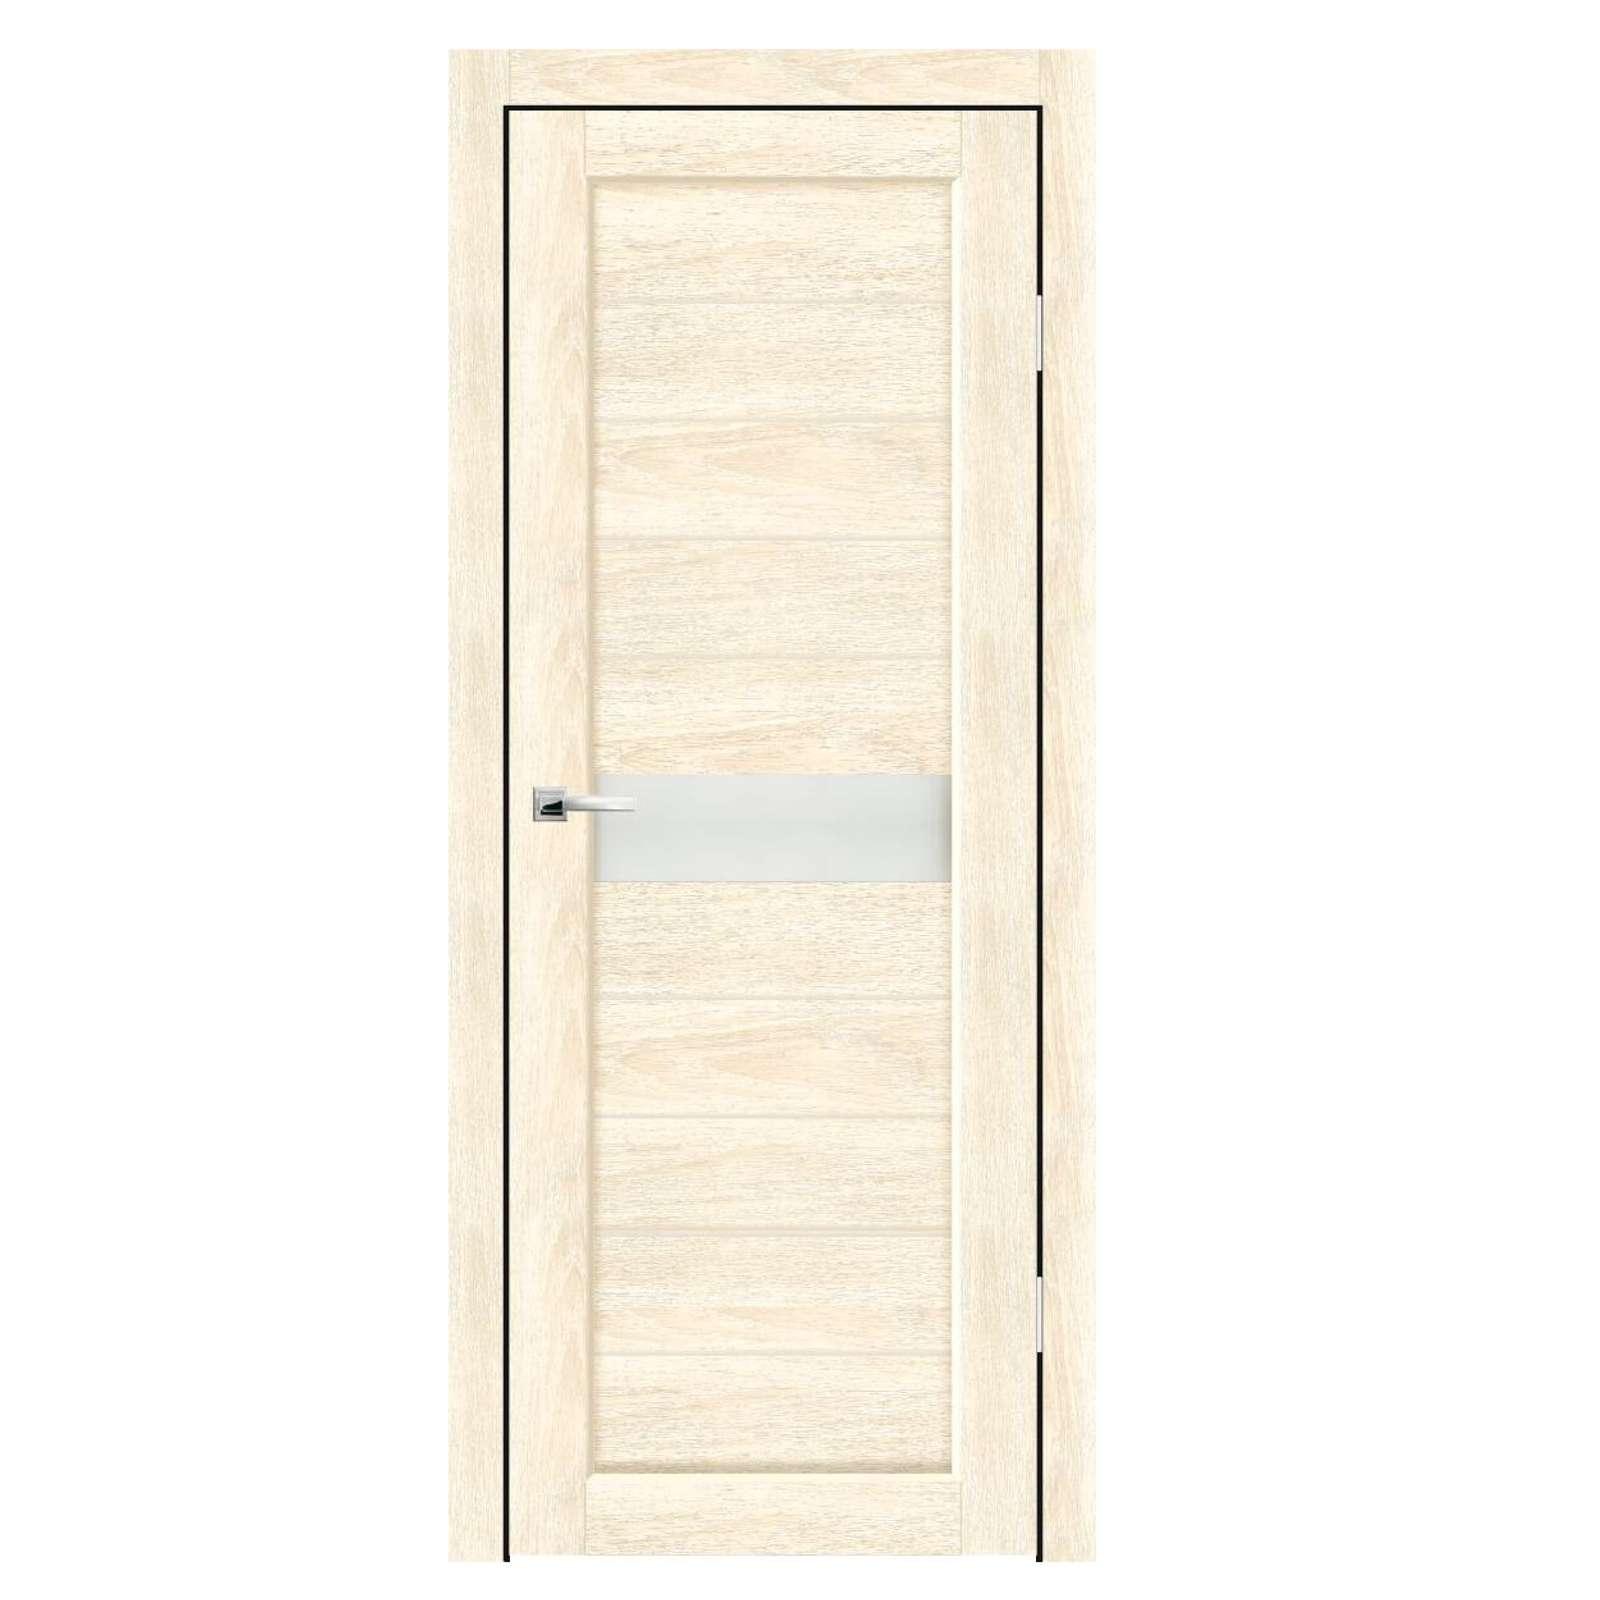 Дверное полотно Синержи Примо, Ваниль, ПДО 900Х2000ММ